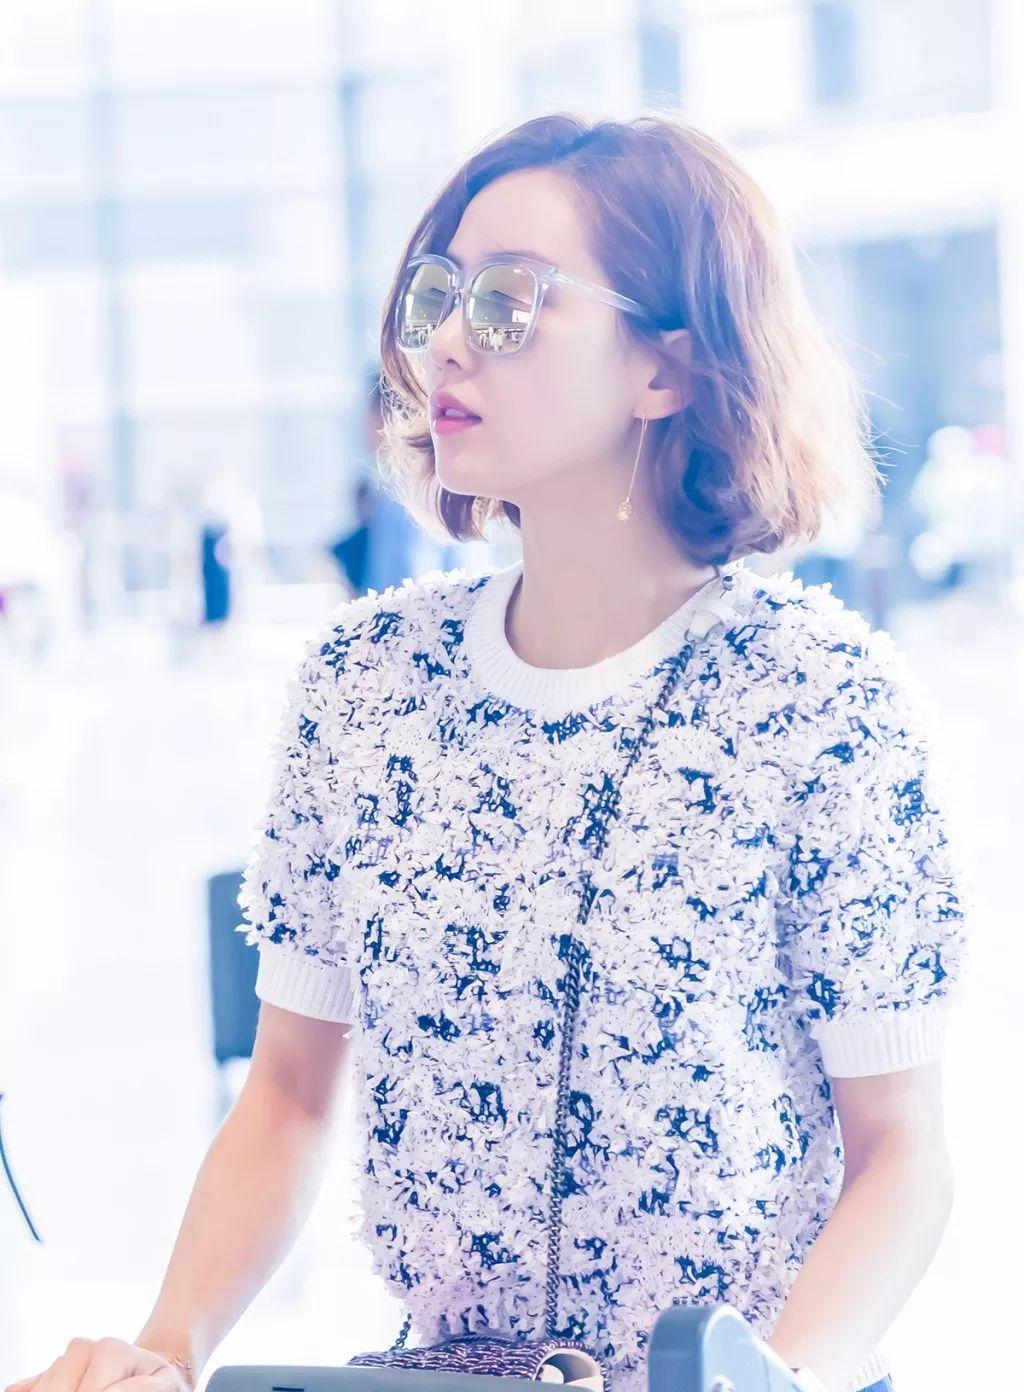 鹅蛋脸适合什么发型 五款适合鹅蛋脸女生的发型... _太平洋时尚网